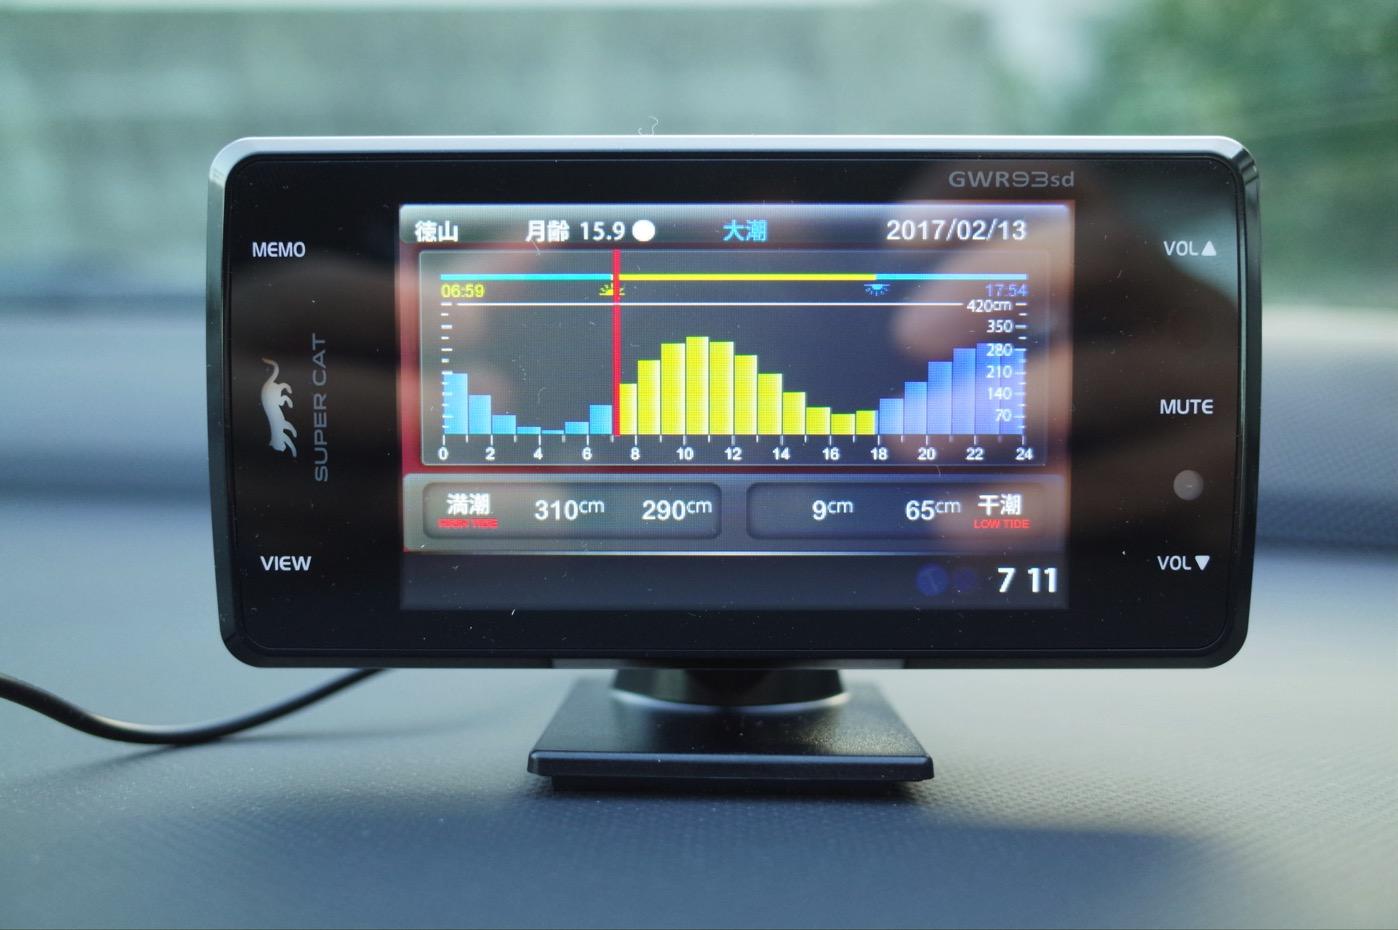 ユピテル レーダー探知機 スーパーキャット超高感度GPSアンテナ搭載 一体型 GWR93sd-19